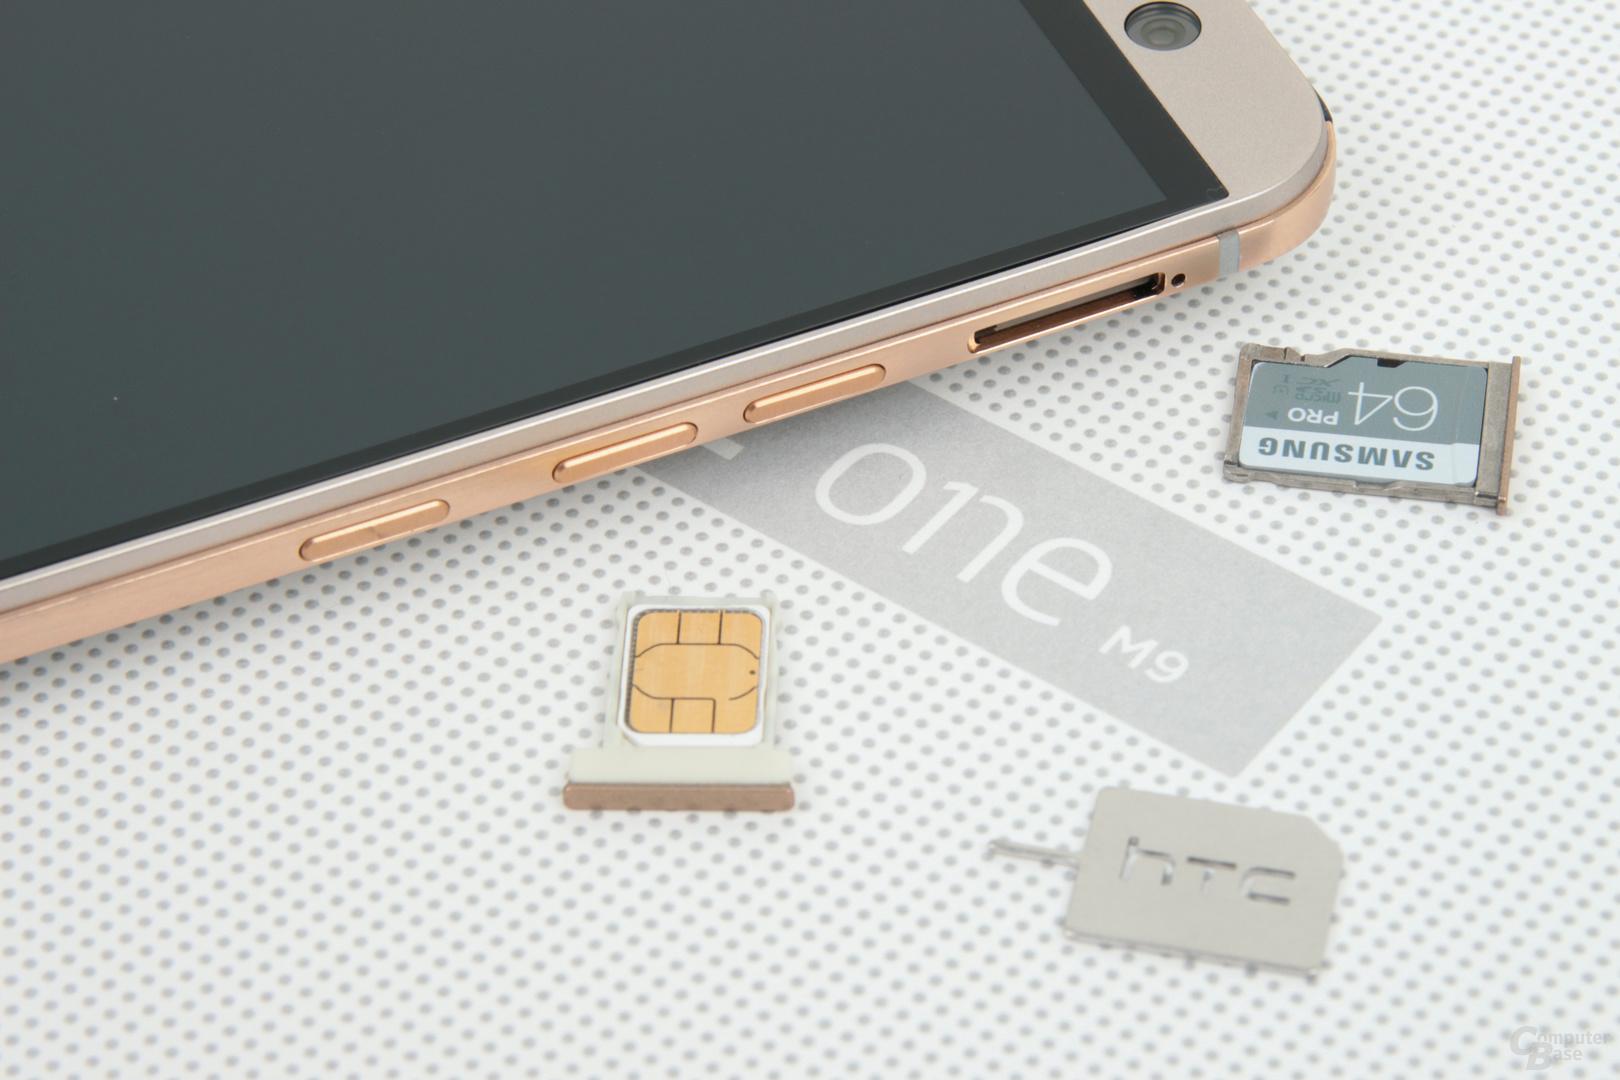 Nano-SIM-Schacht links, microSD-Schacht rechts